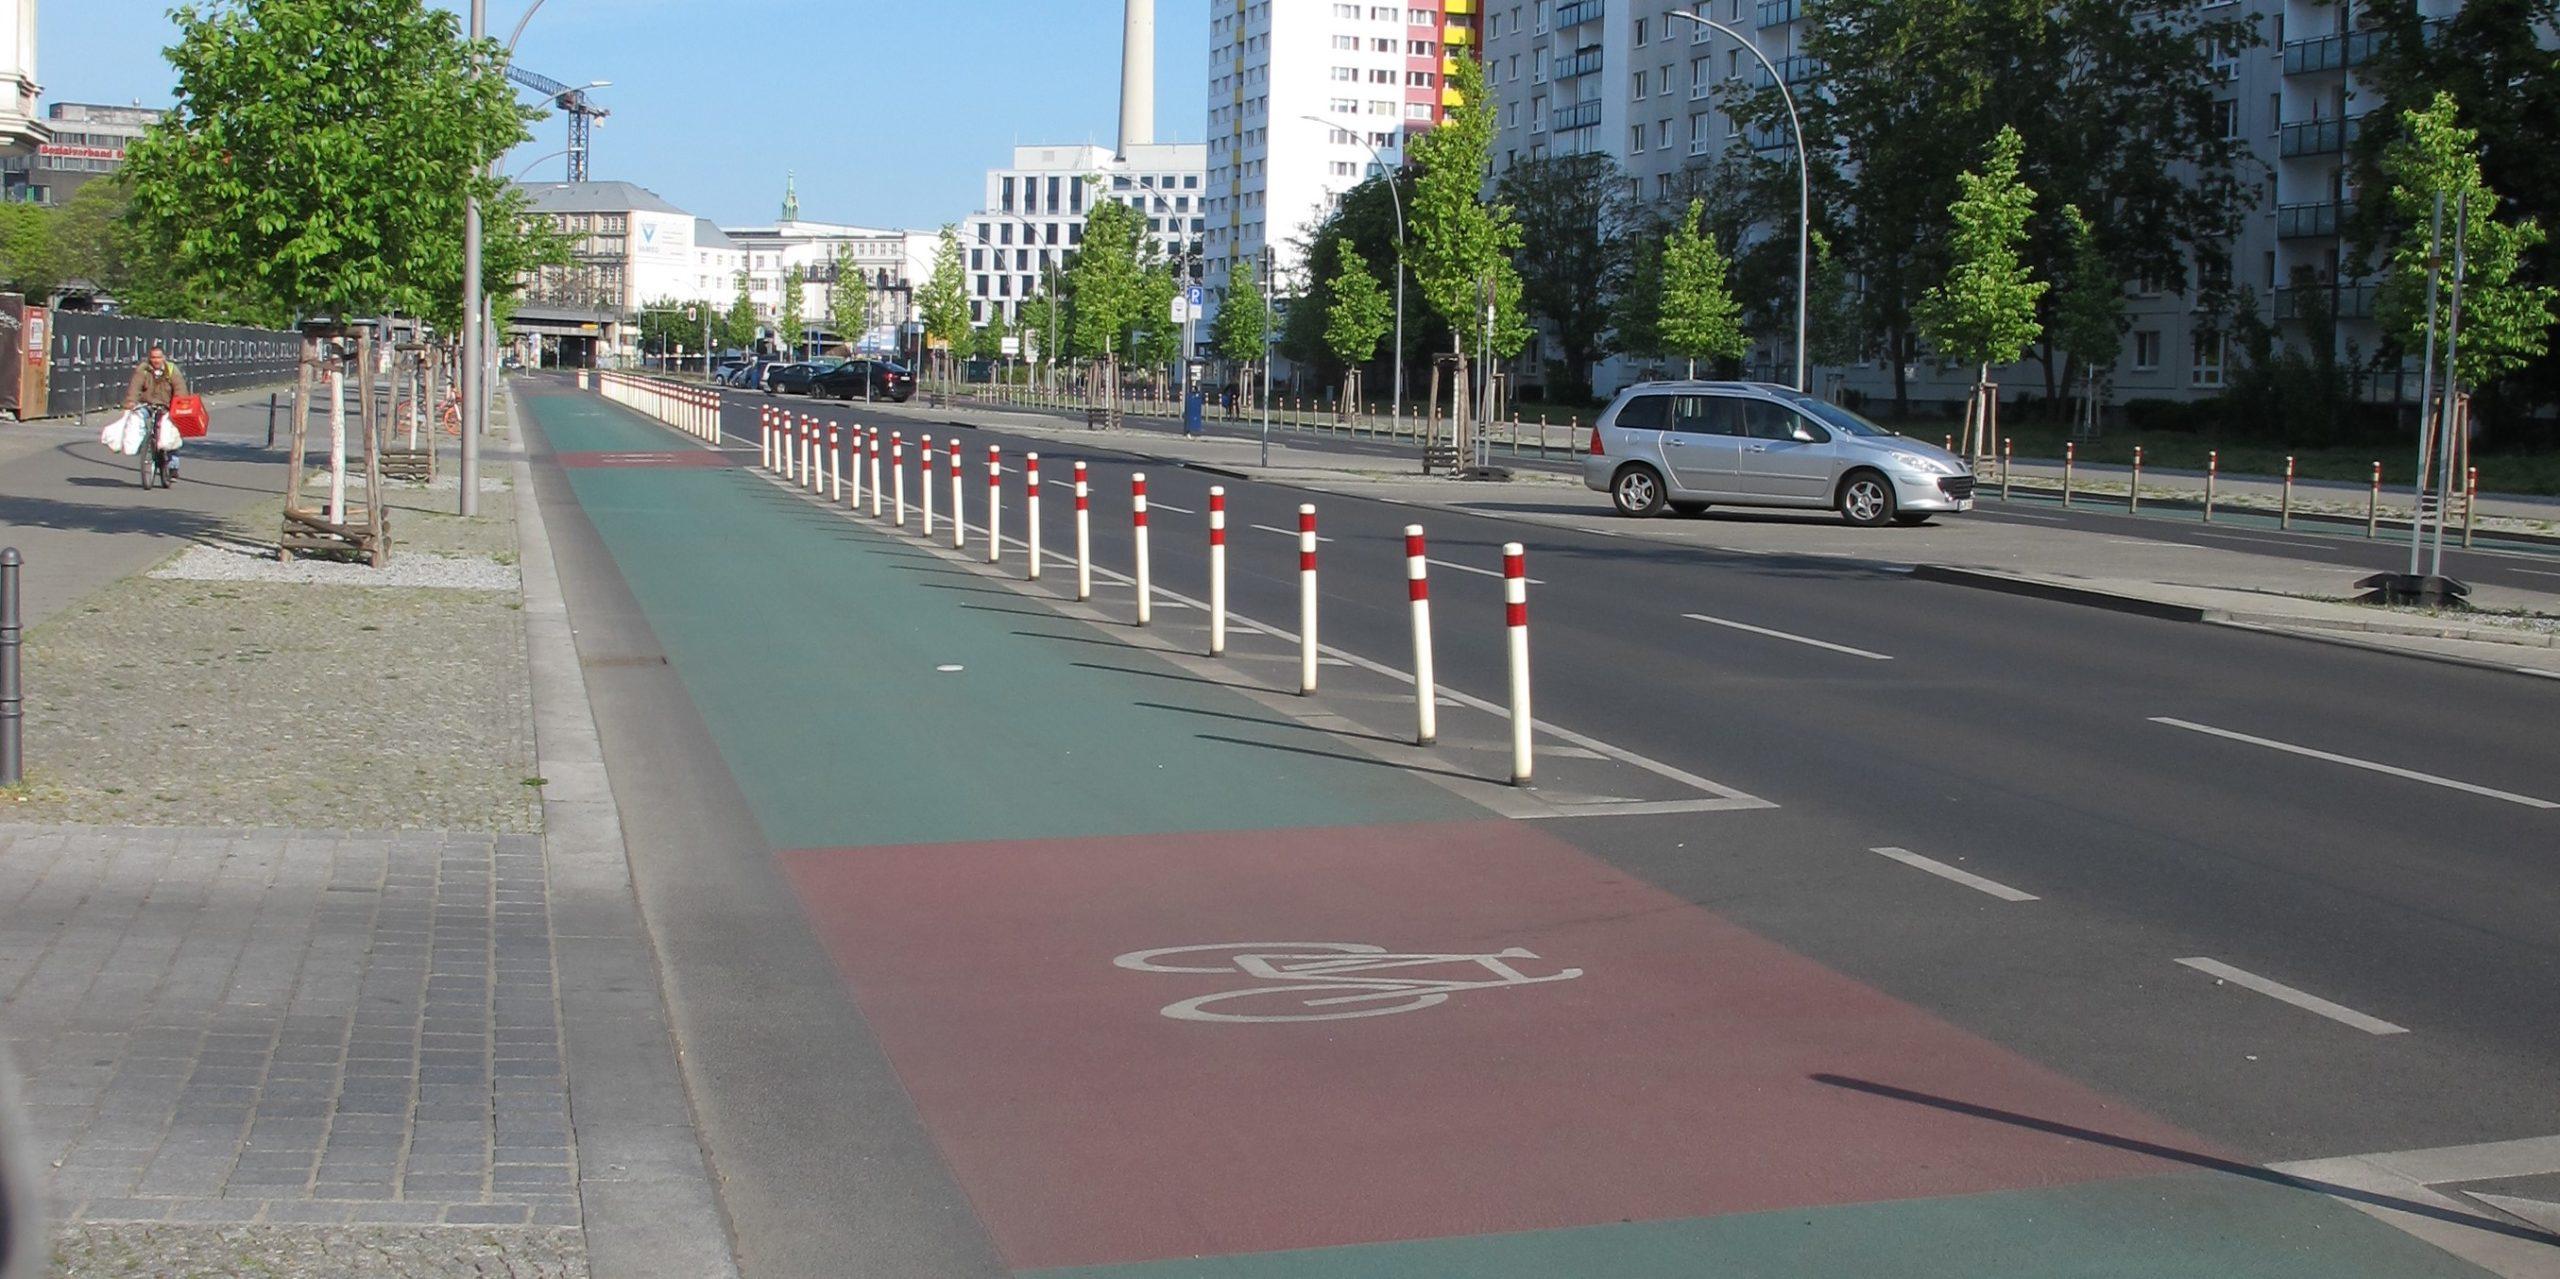 PopUp Bike Lane (Fotograf: Marco Melloni)